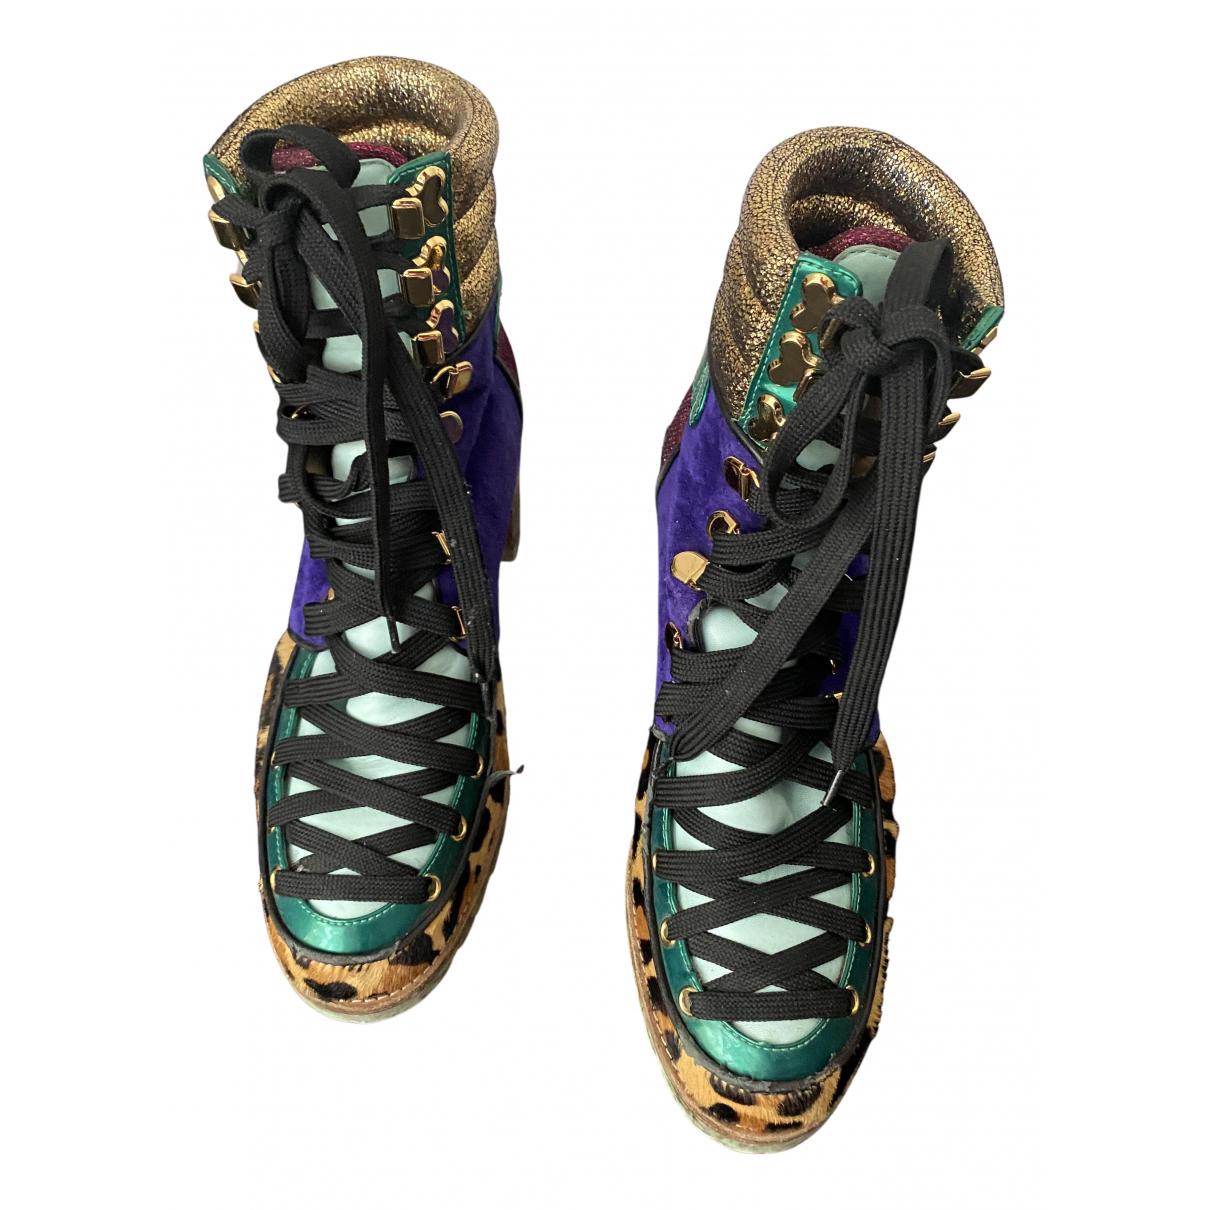 Christian Louboutin - Bottes   pour femme en cuir - multicolore